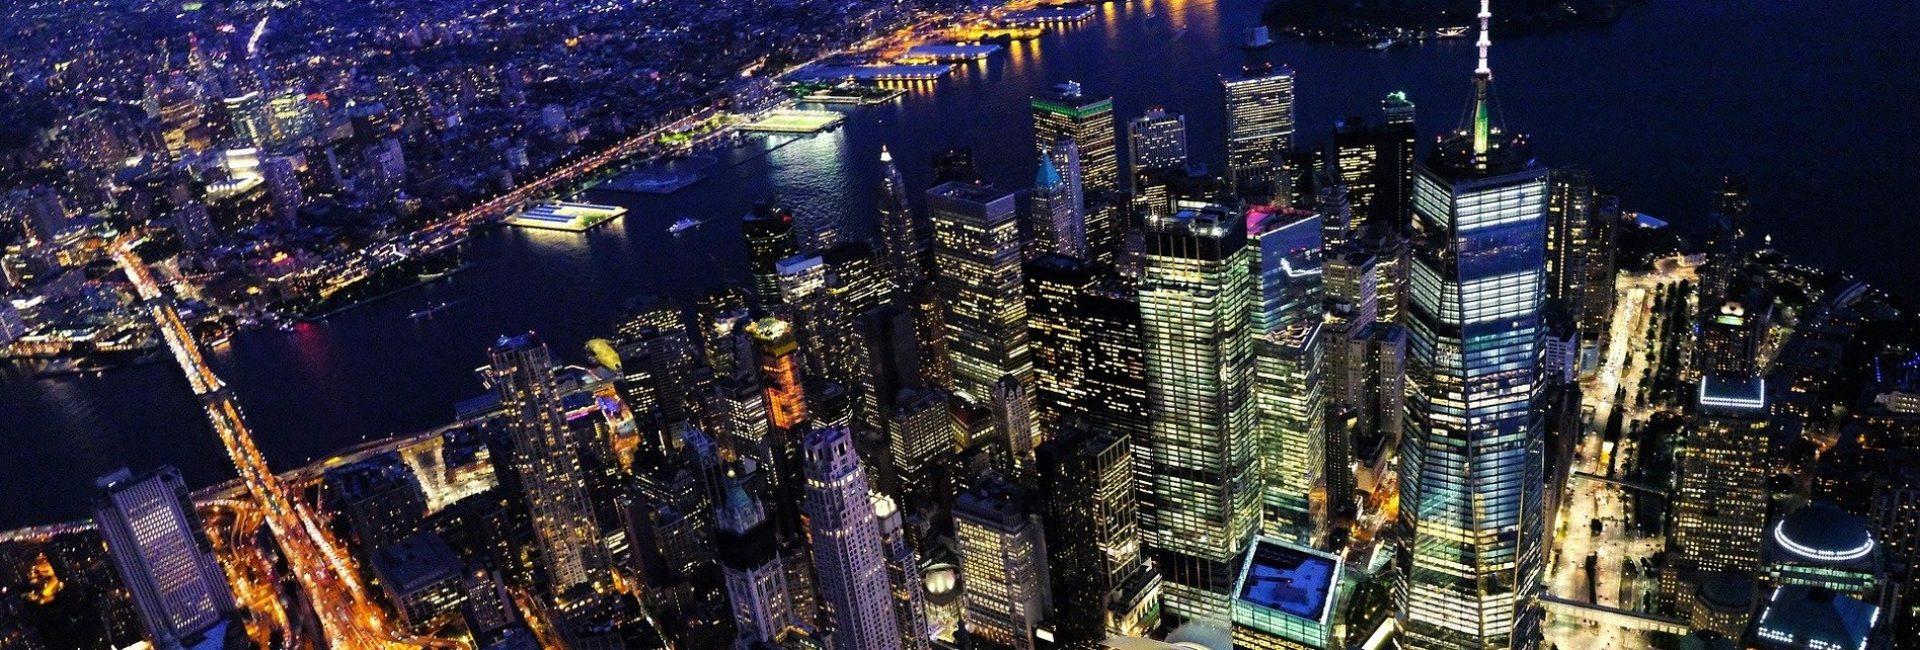 Započnite putovanje u najvećoj svjetskoj metropoli - New York